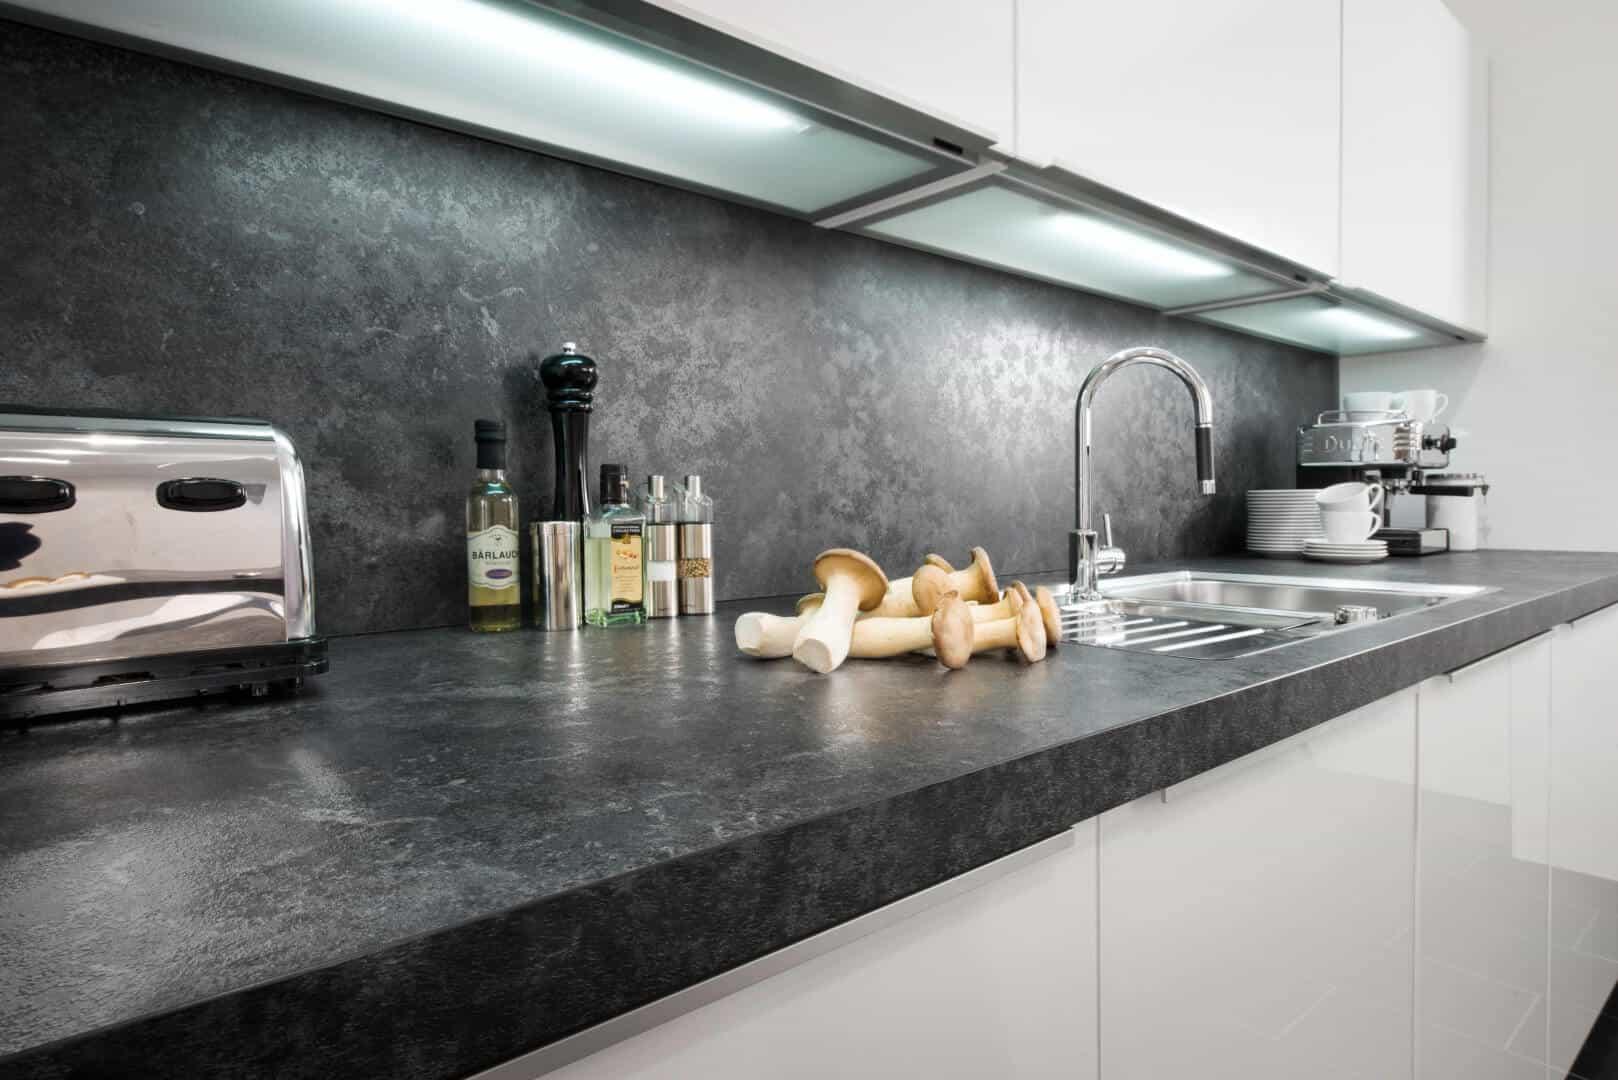 Nischenrückwände - Küchen Börse 15 - Riesige Auswahl - 15D Planung